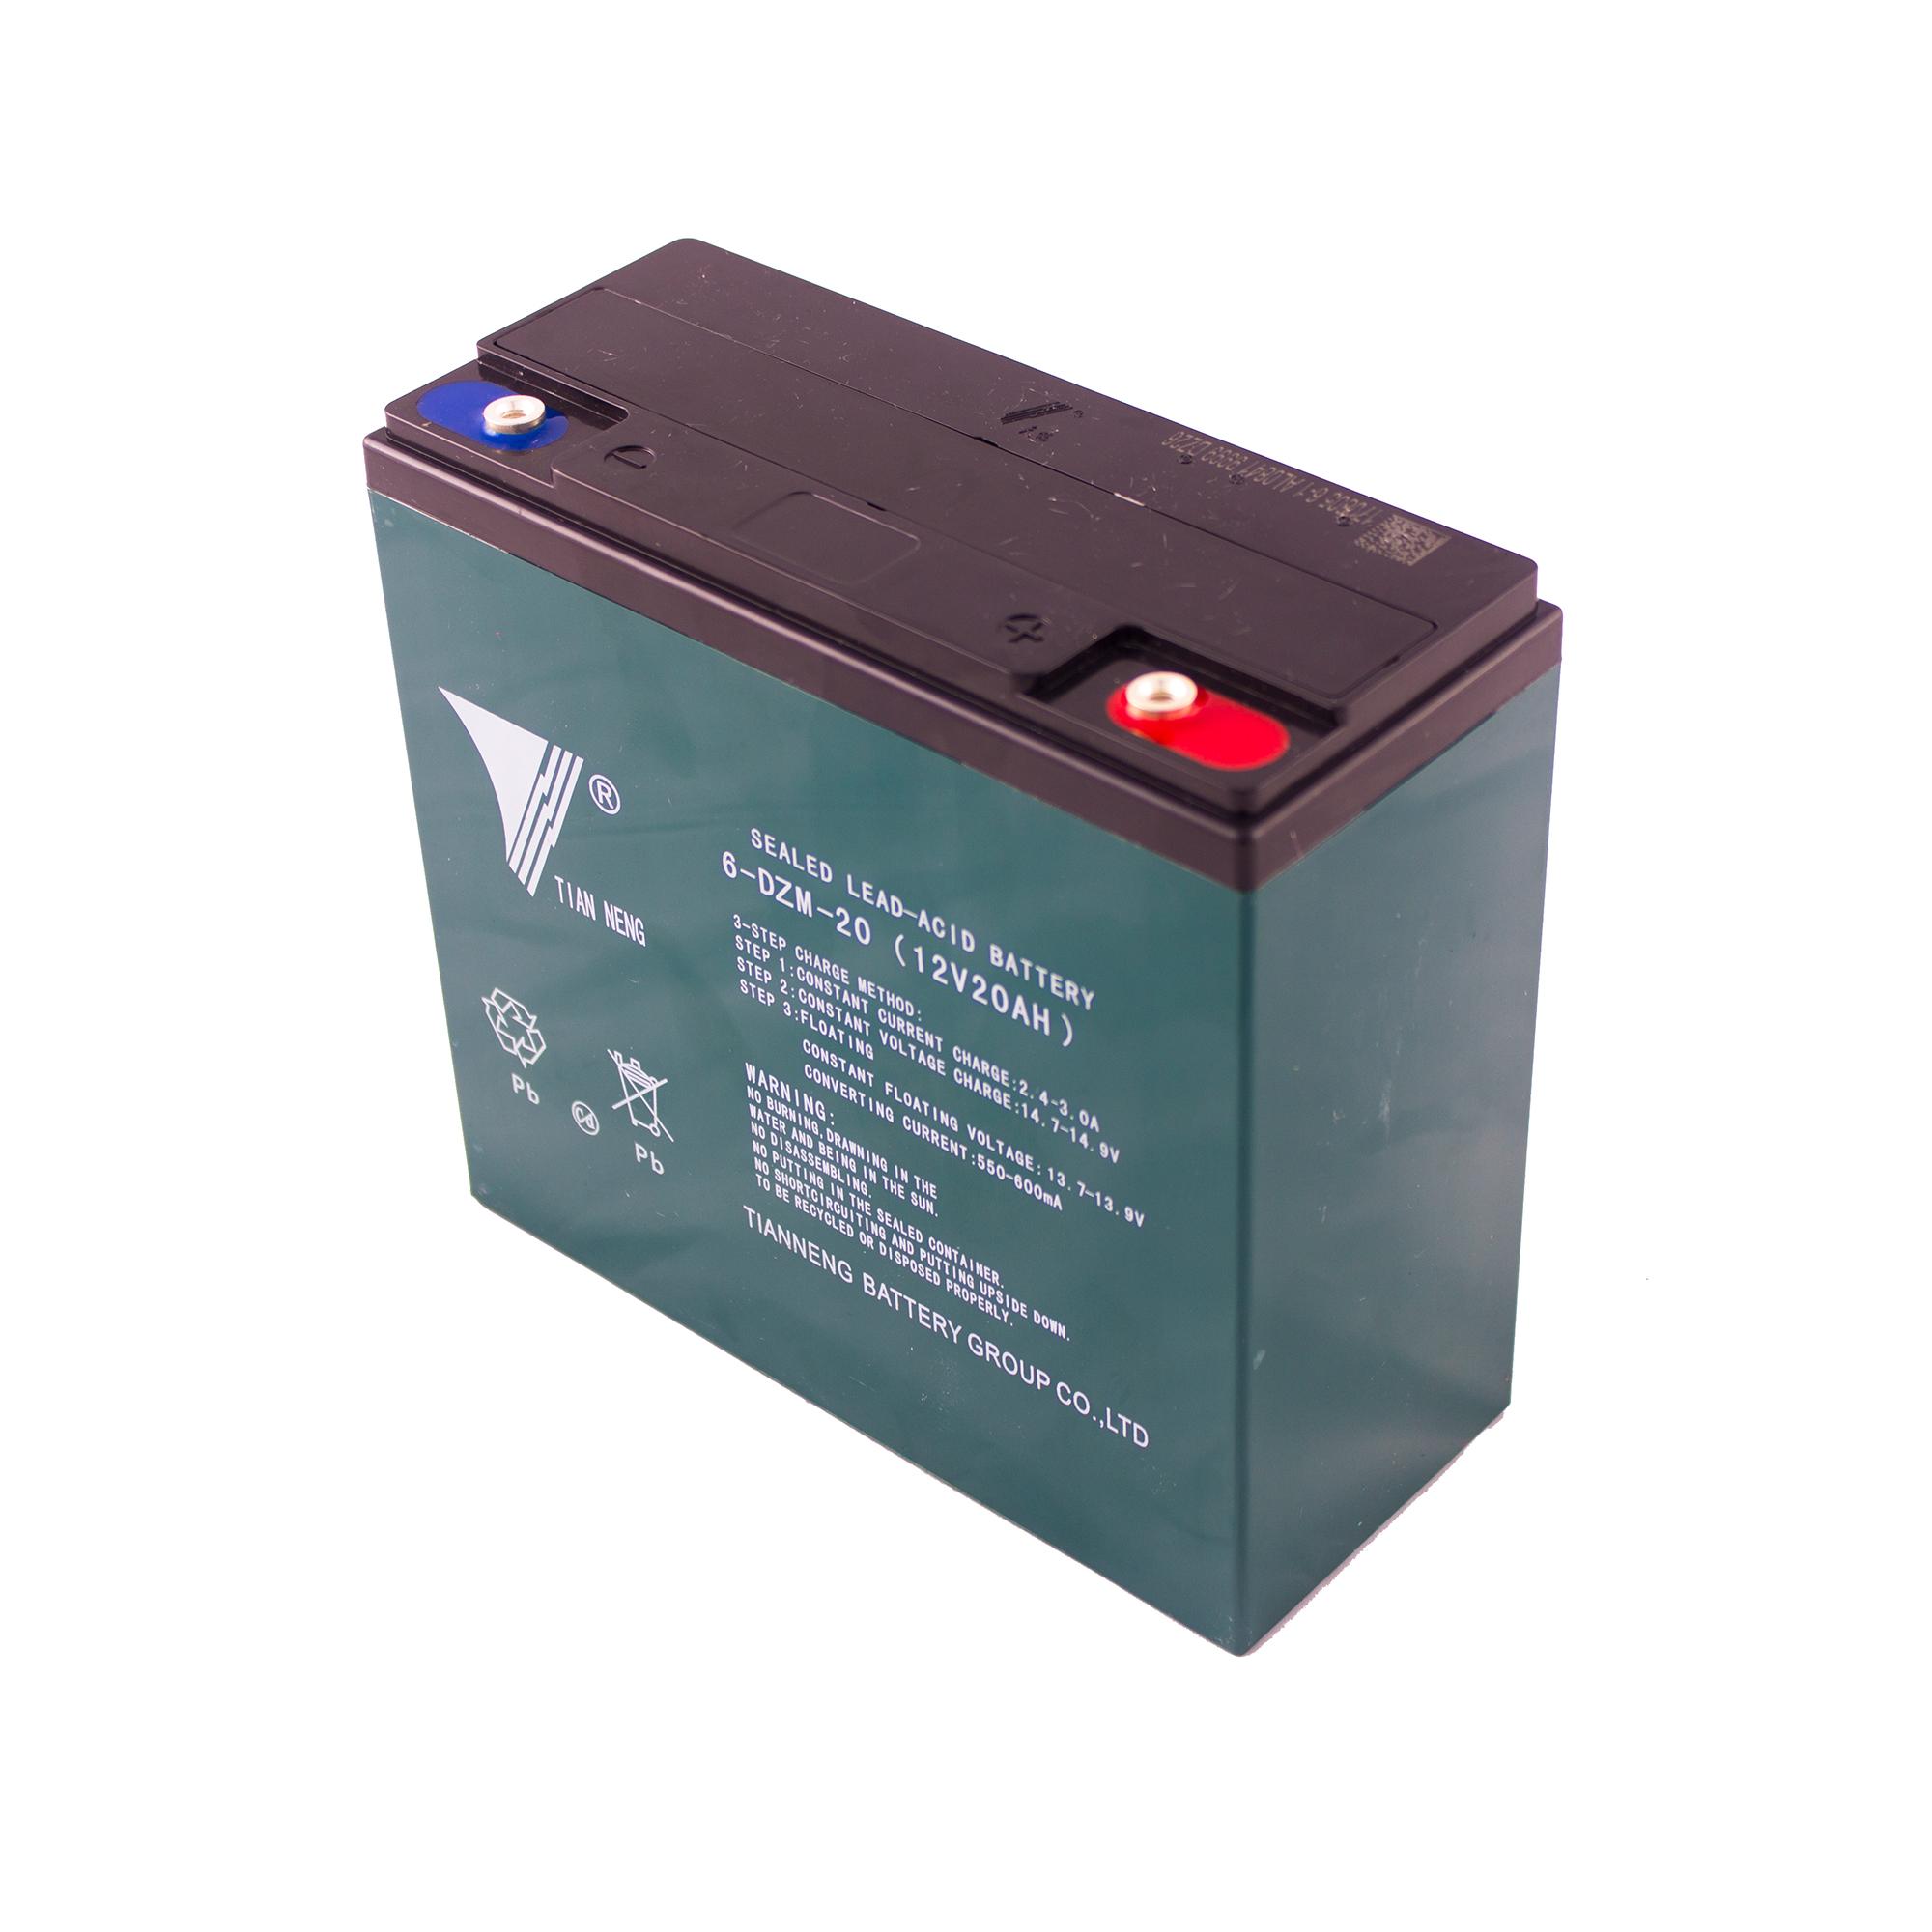 باتری موتور سیکلت تیانینگ مدل DZF20 بسته 6عددی